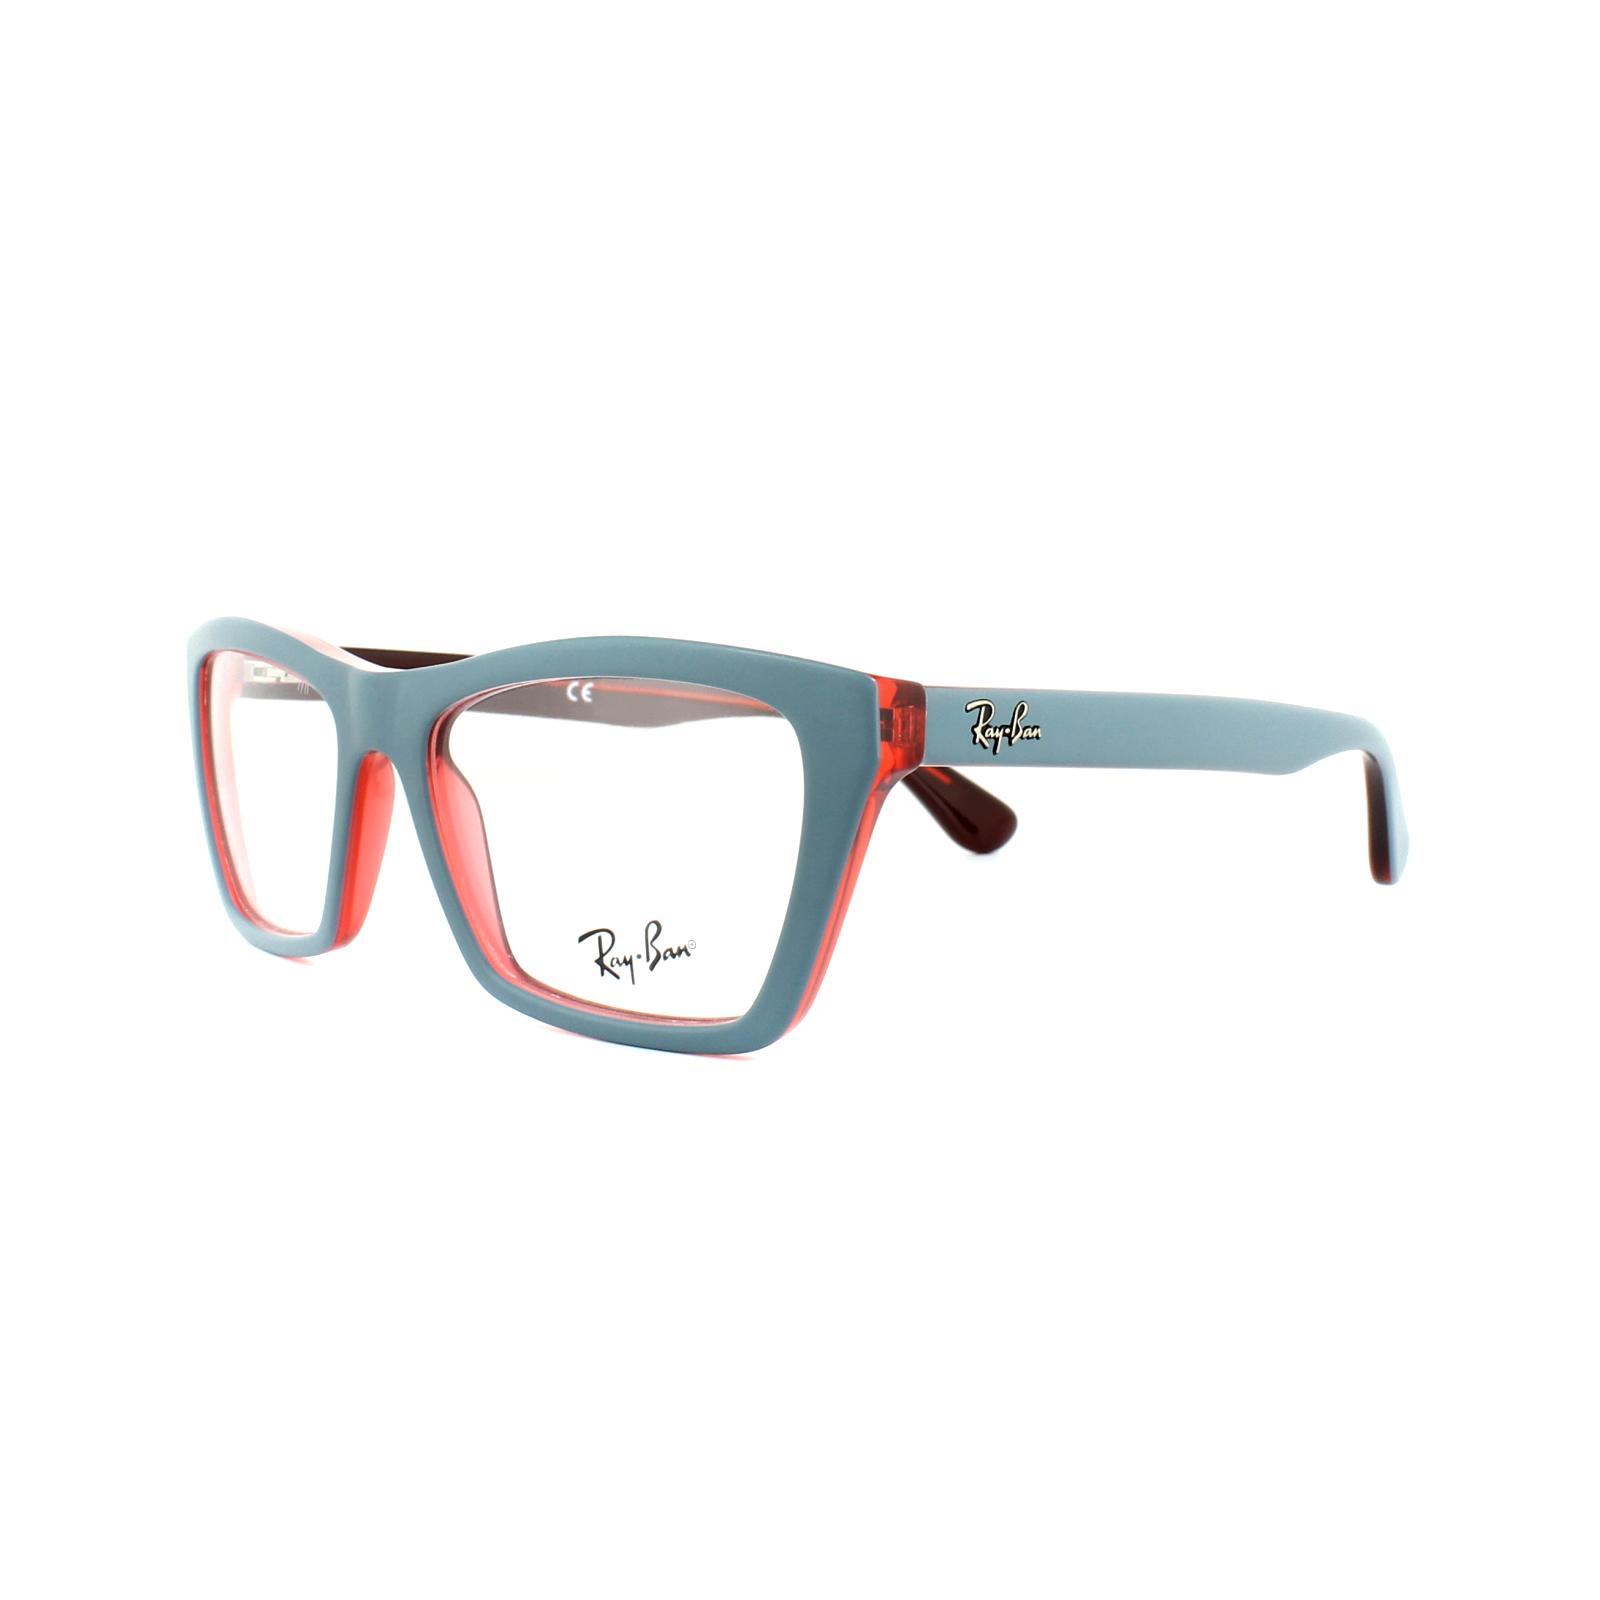 6f71af502e Details about NEW Ray-Ban RX5316-5388-53 Matte Olive Blue Eyeglasses